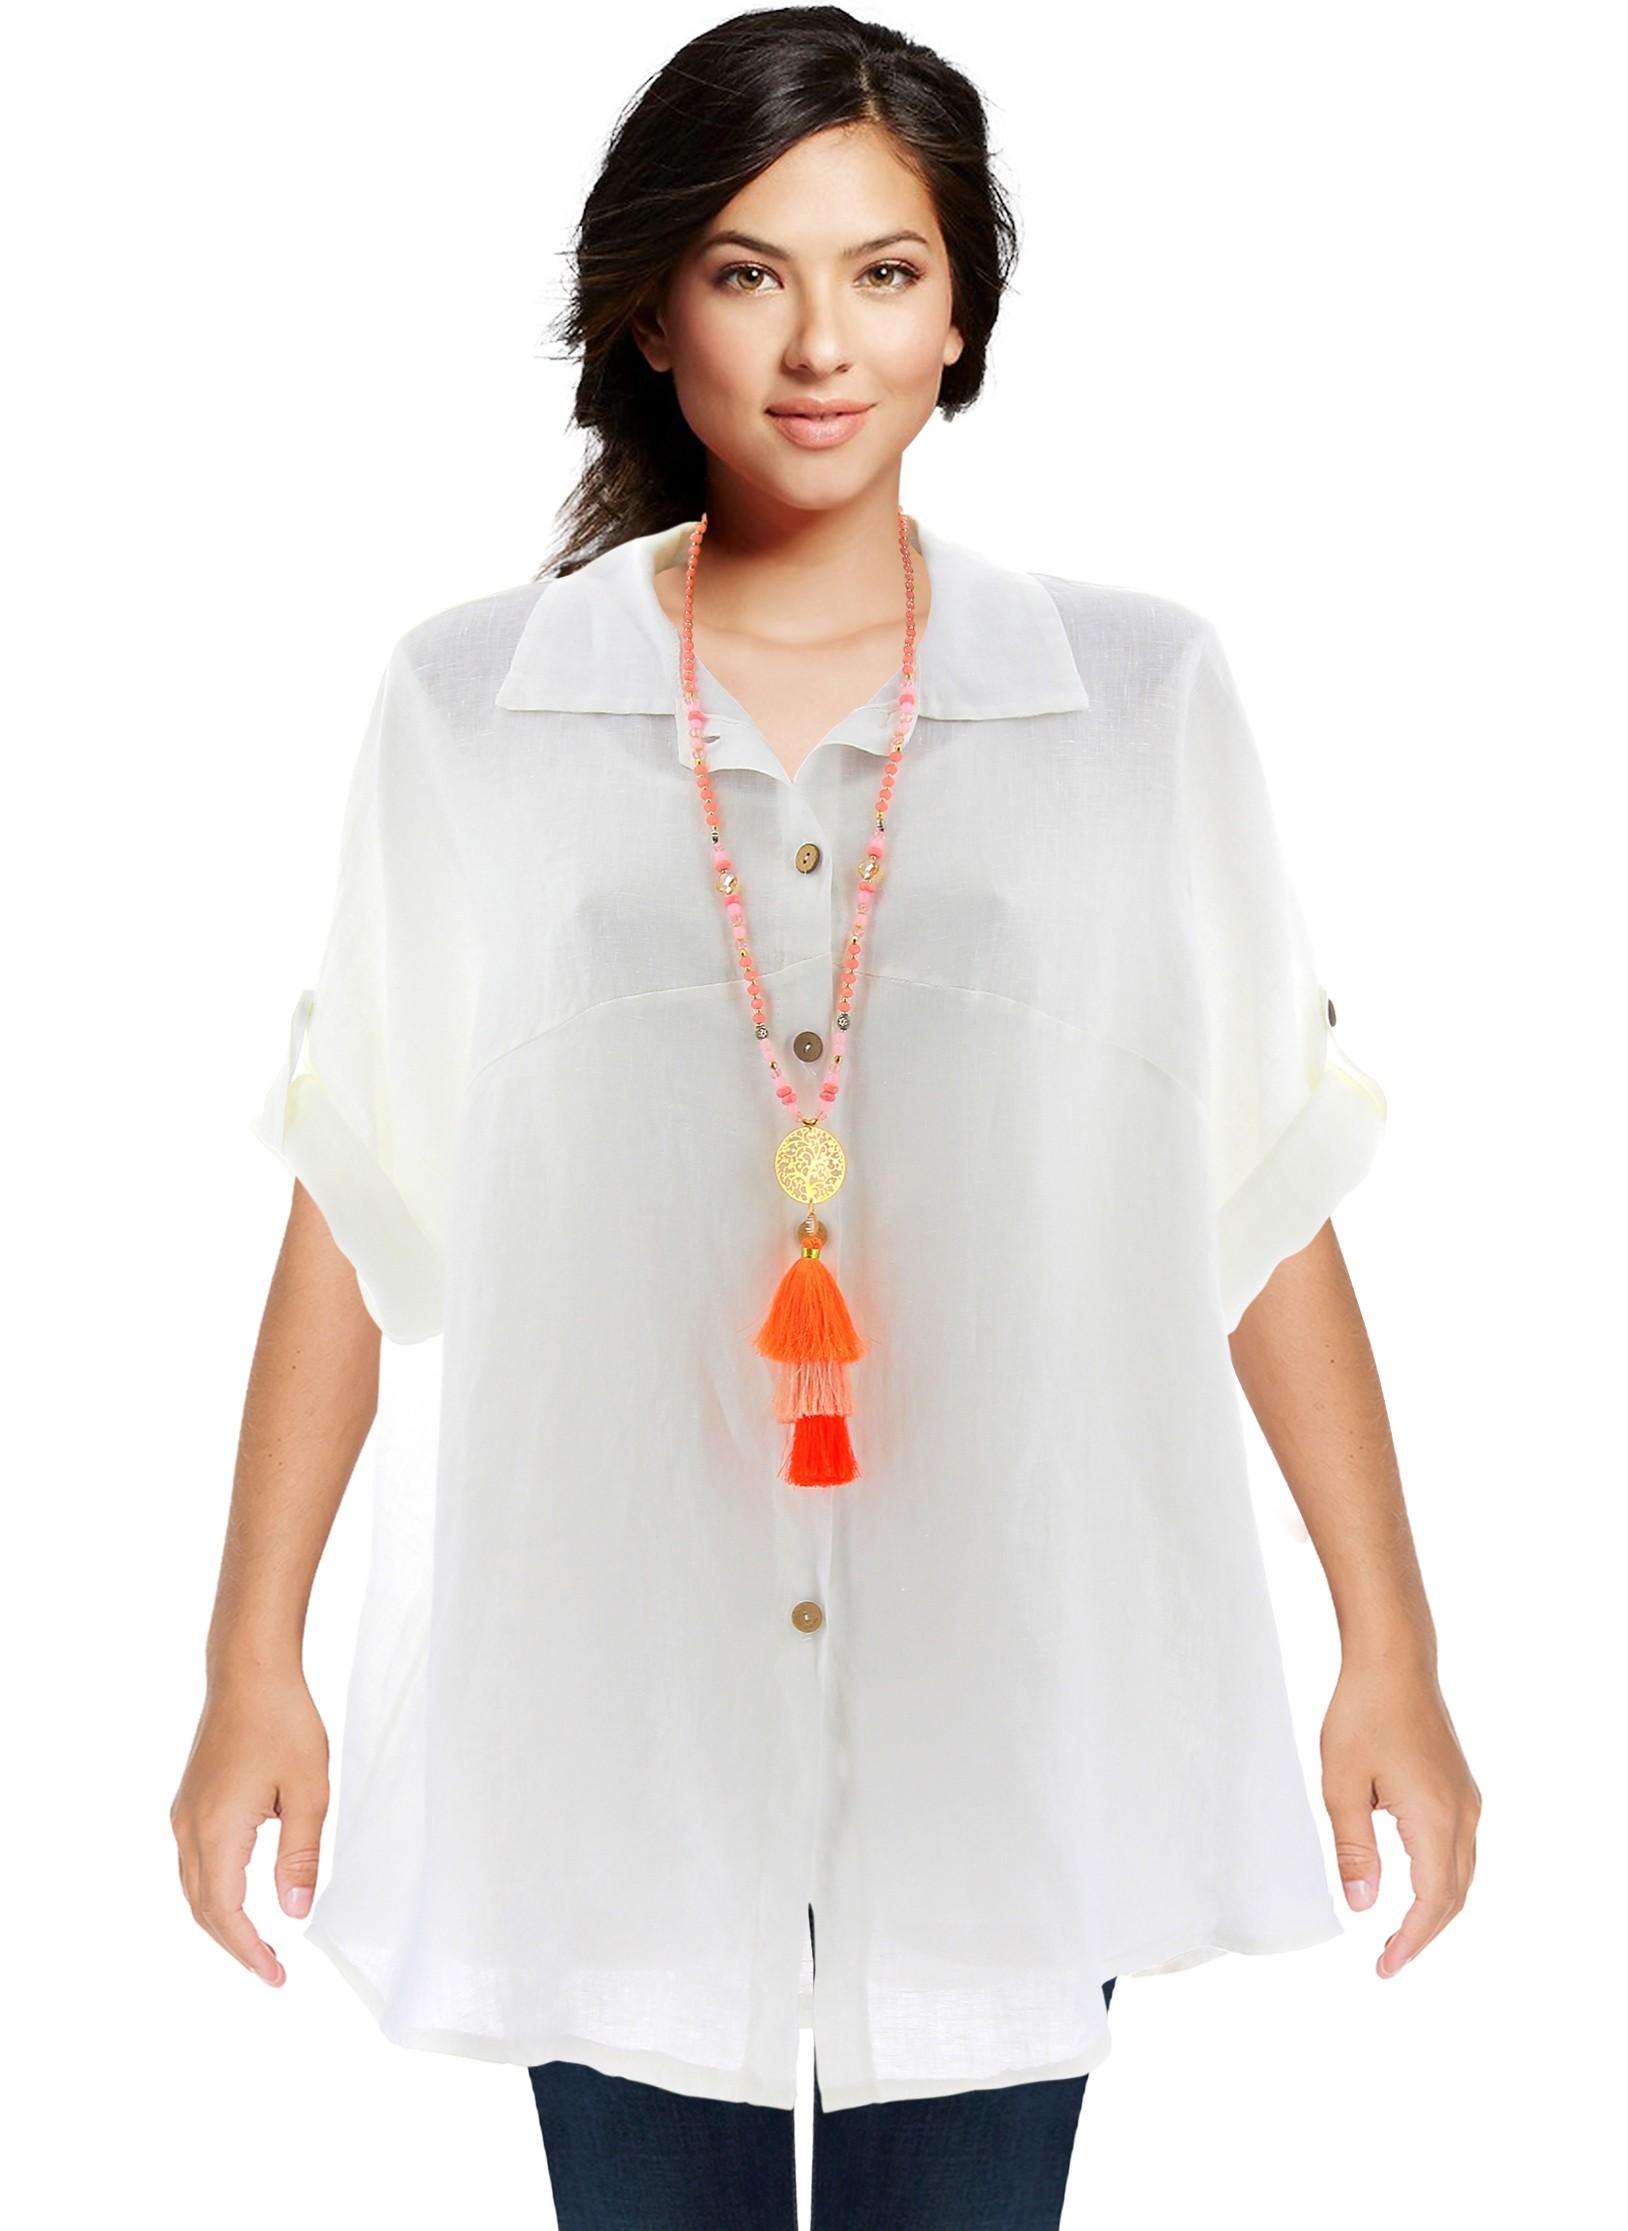 dabedb1a4269 Chemise En Lin Femme. object moved. chemise en lin femme kaki ...